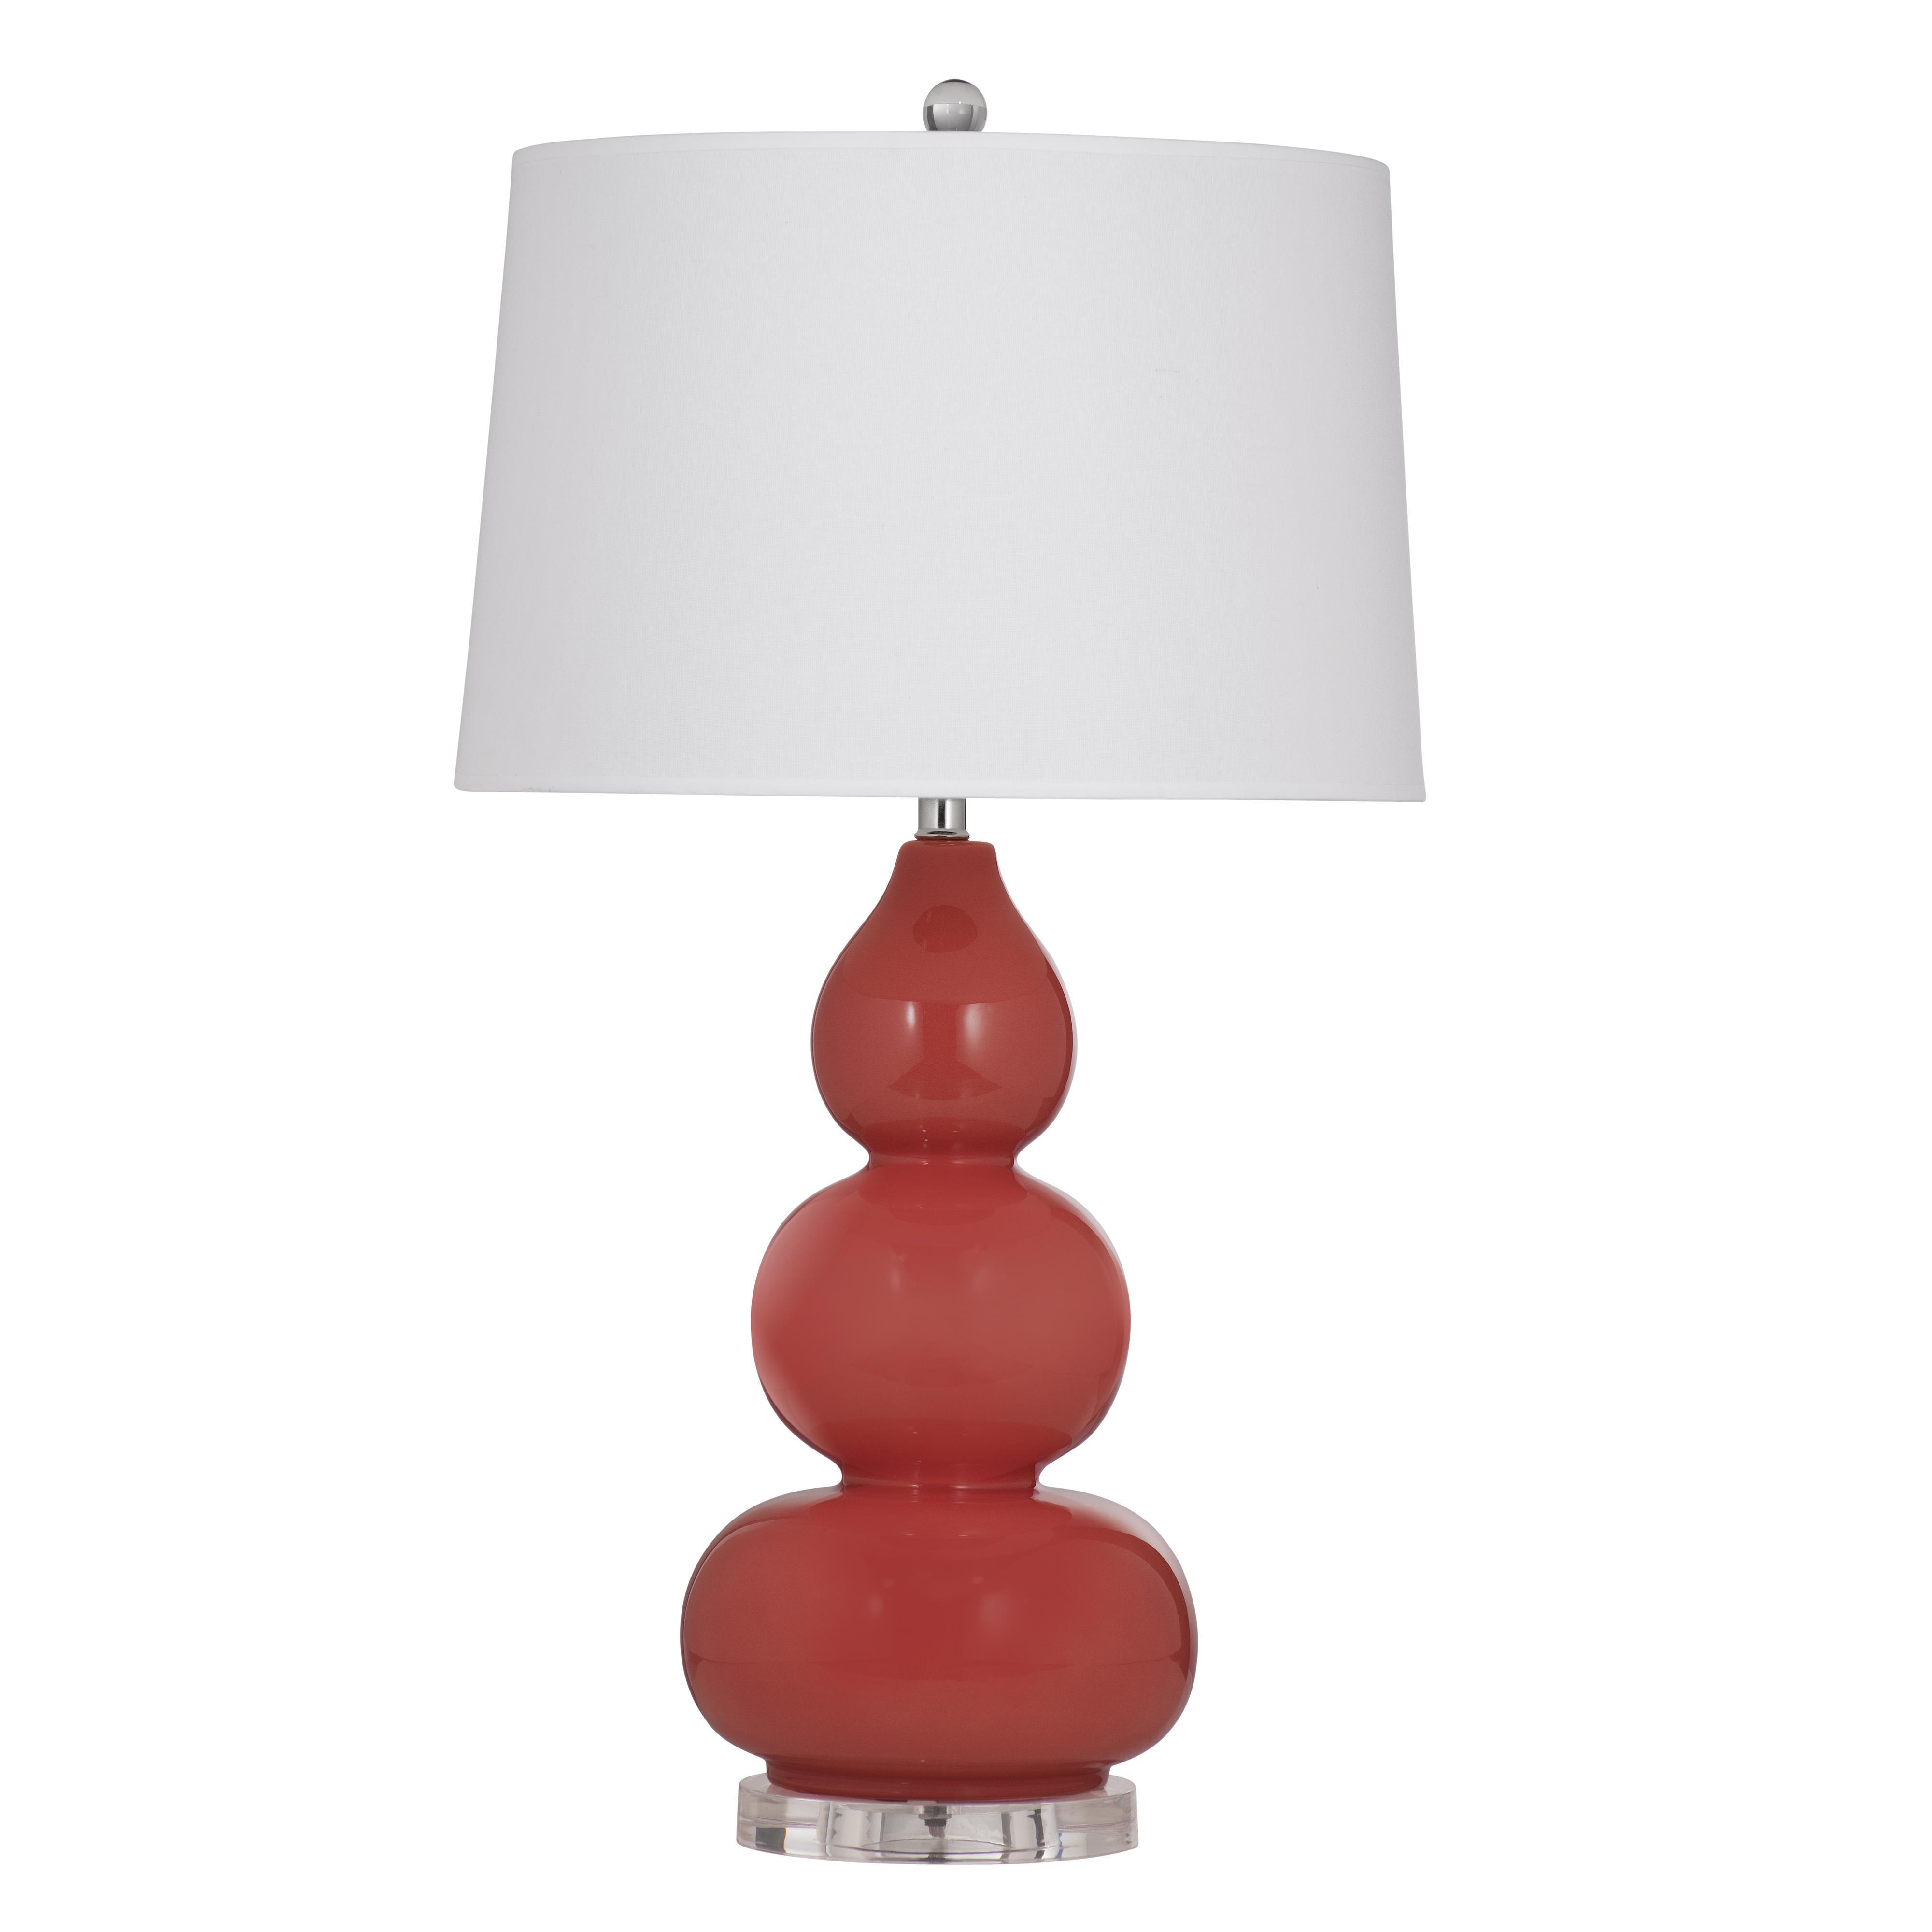 Whalan Table Lamp